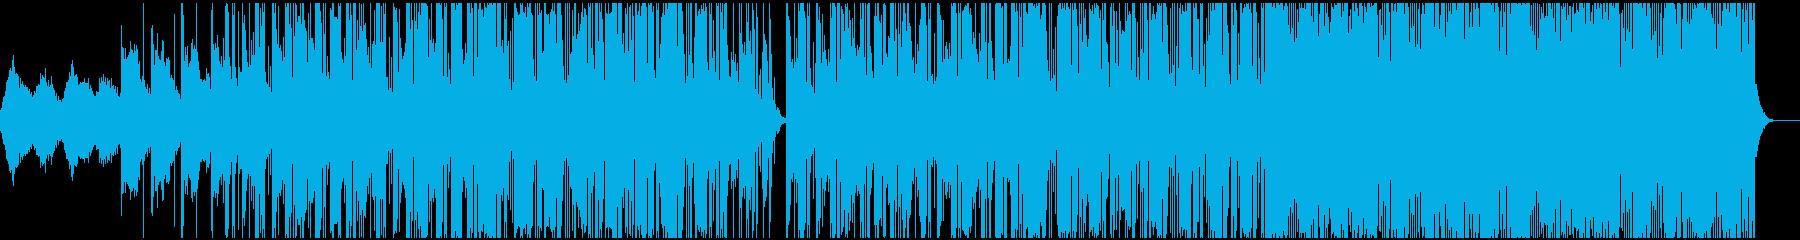 神秘で精神的な落ち着いた神秘的曲の再生済みの波形